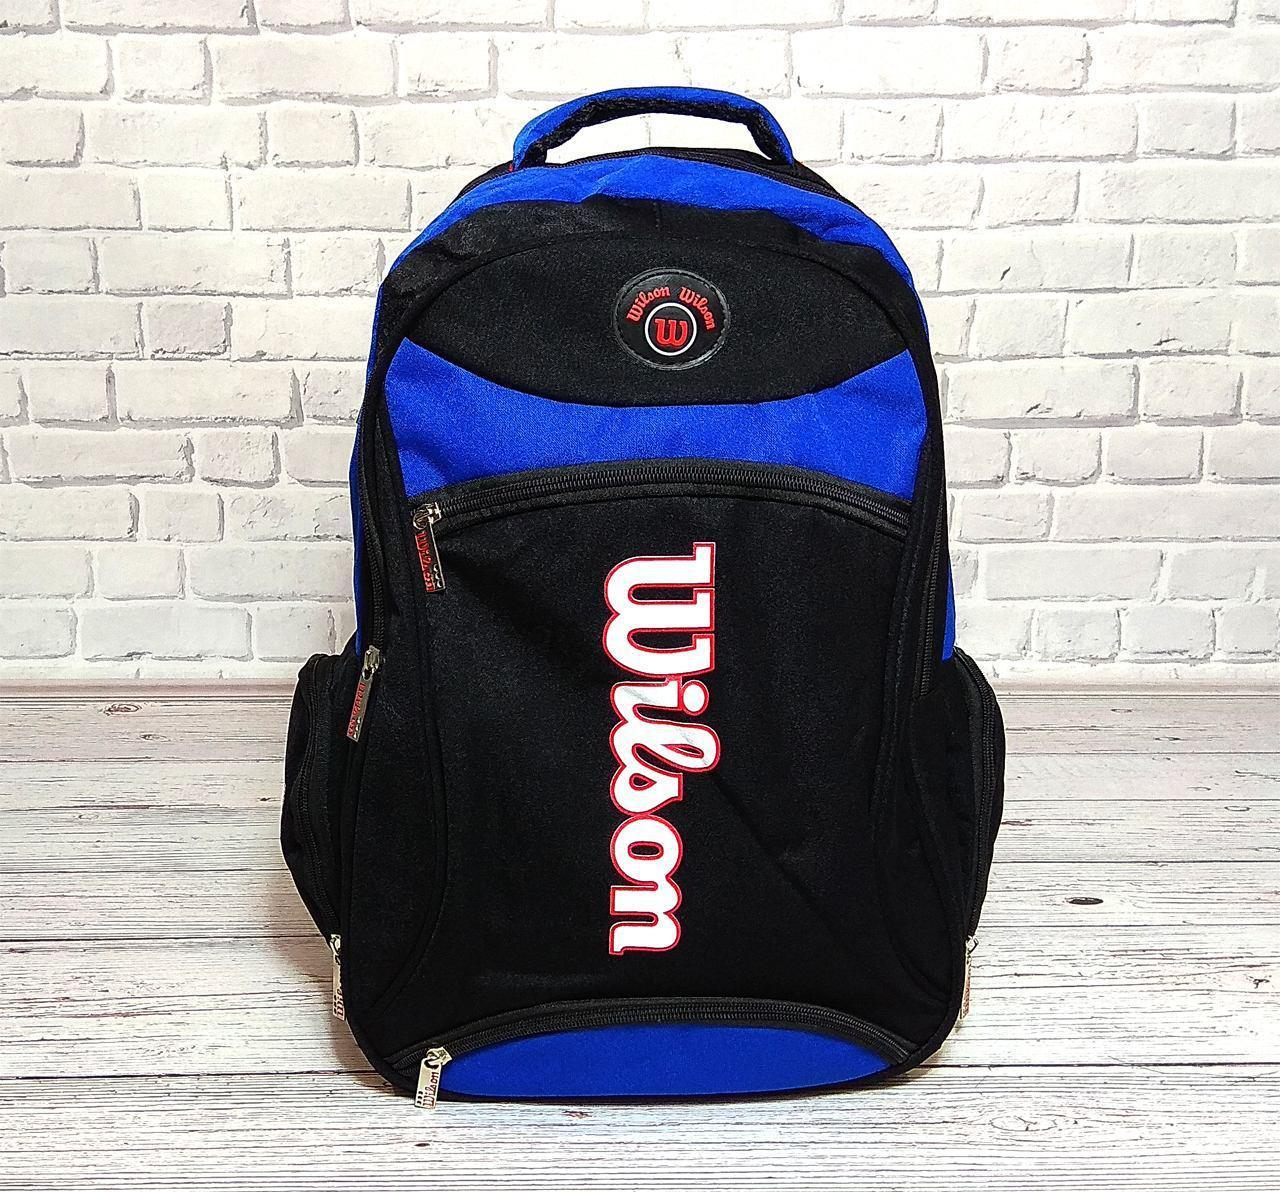 Вместительный рюкзак Wilson для школы, спорта. Черный с синим., фото 1